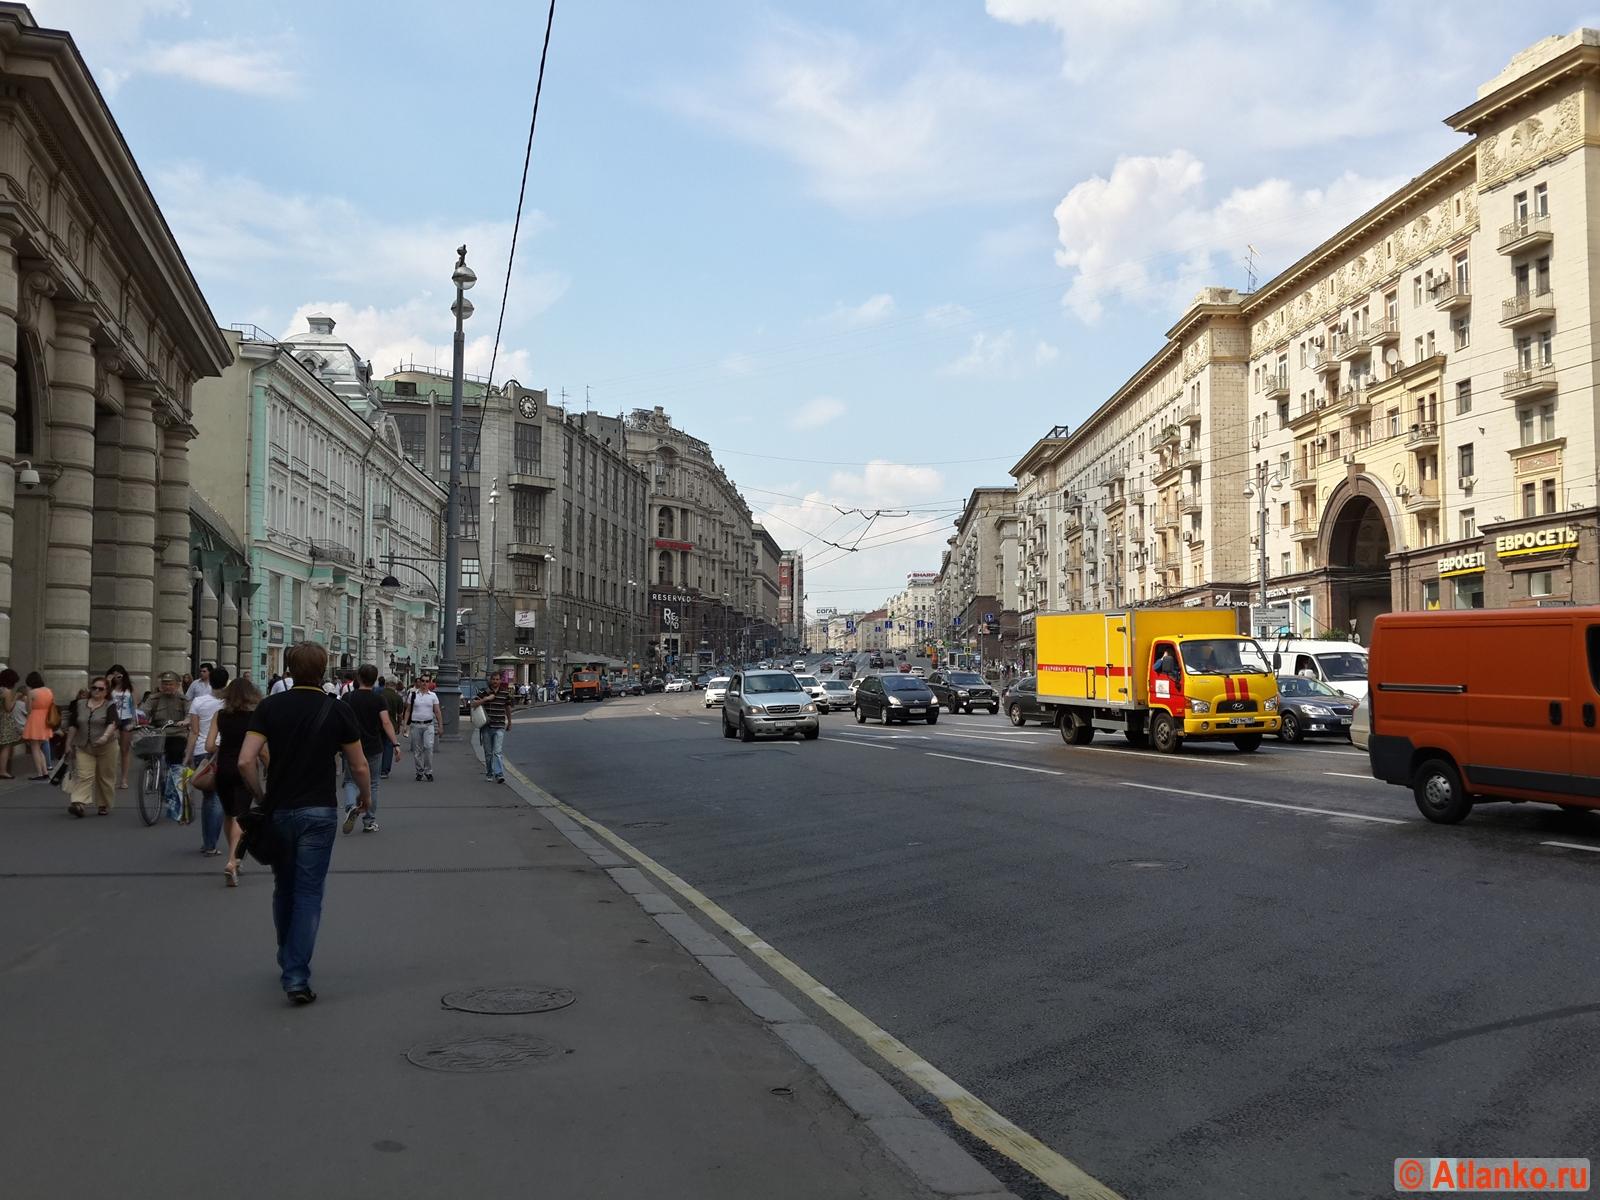 Тверская улица - центральная улица столицы России. Москва. Фотография